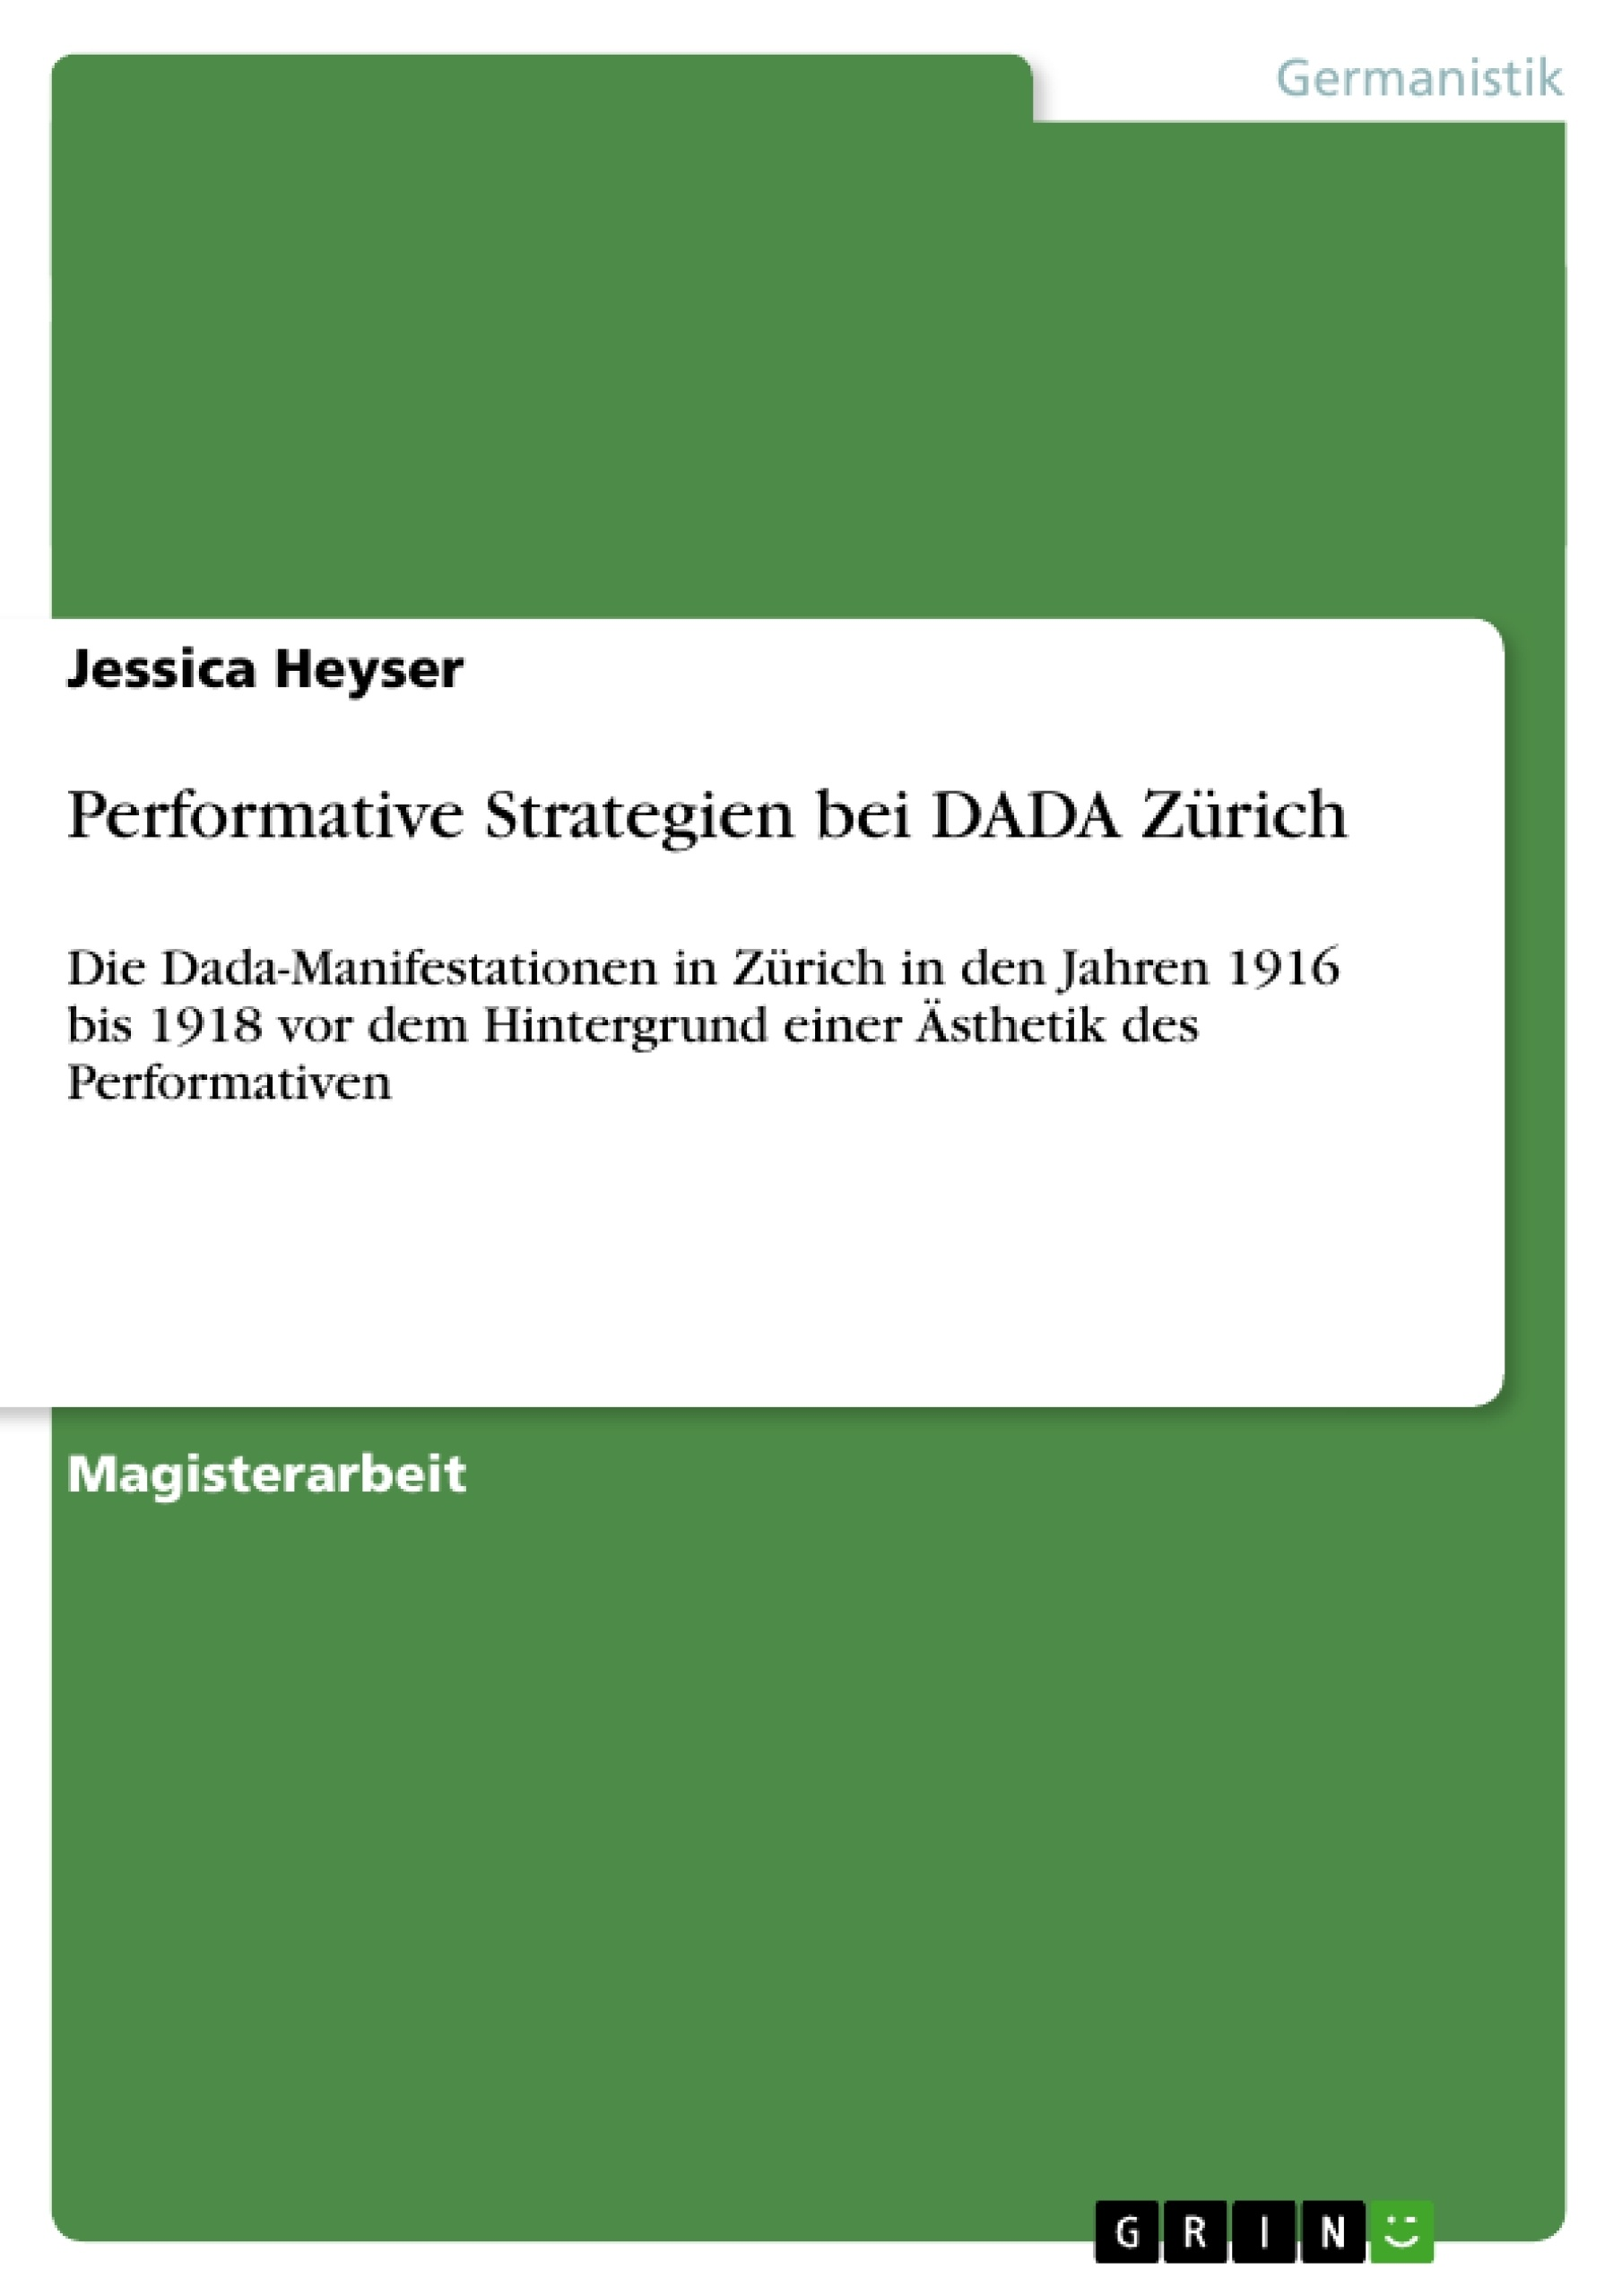 Titel: Performative Strategien bei DADA Zürich